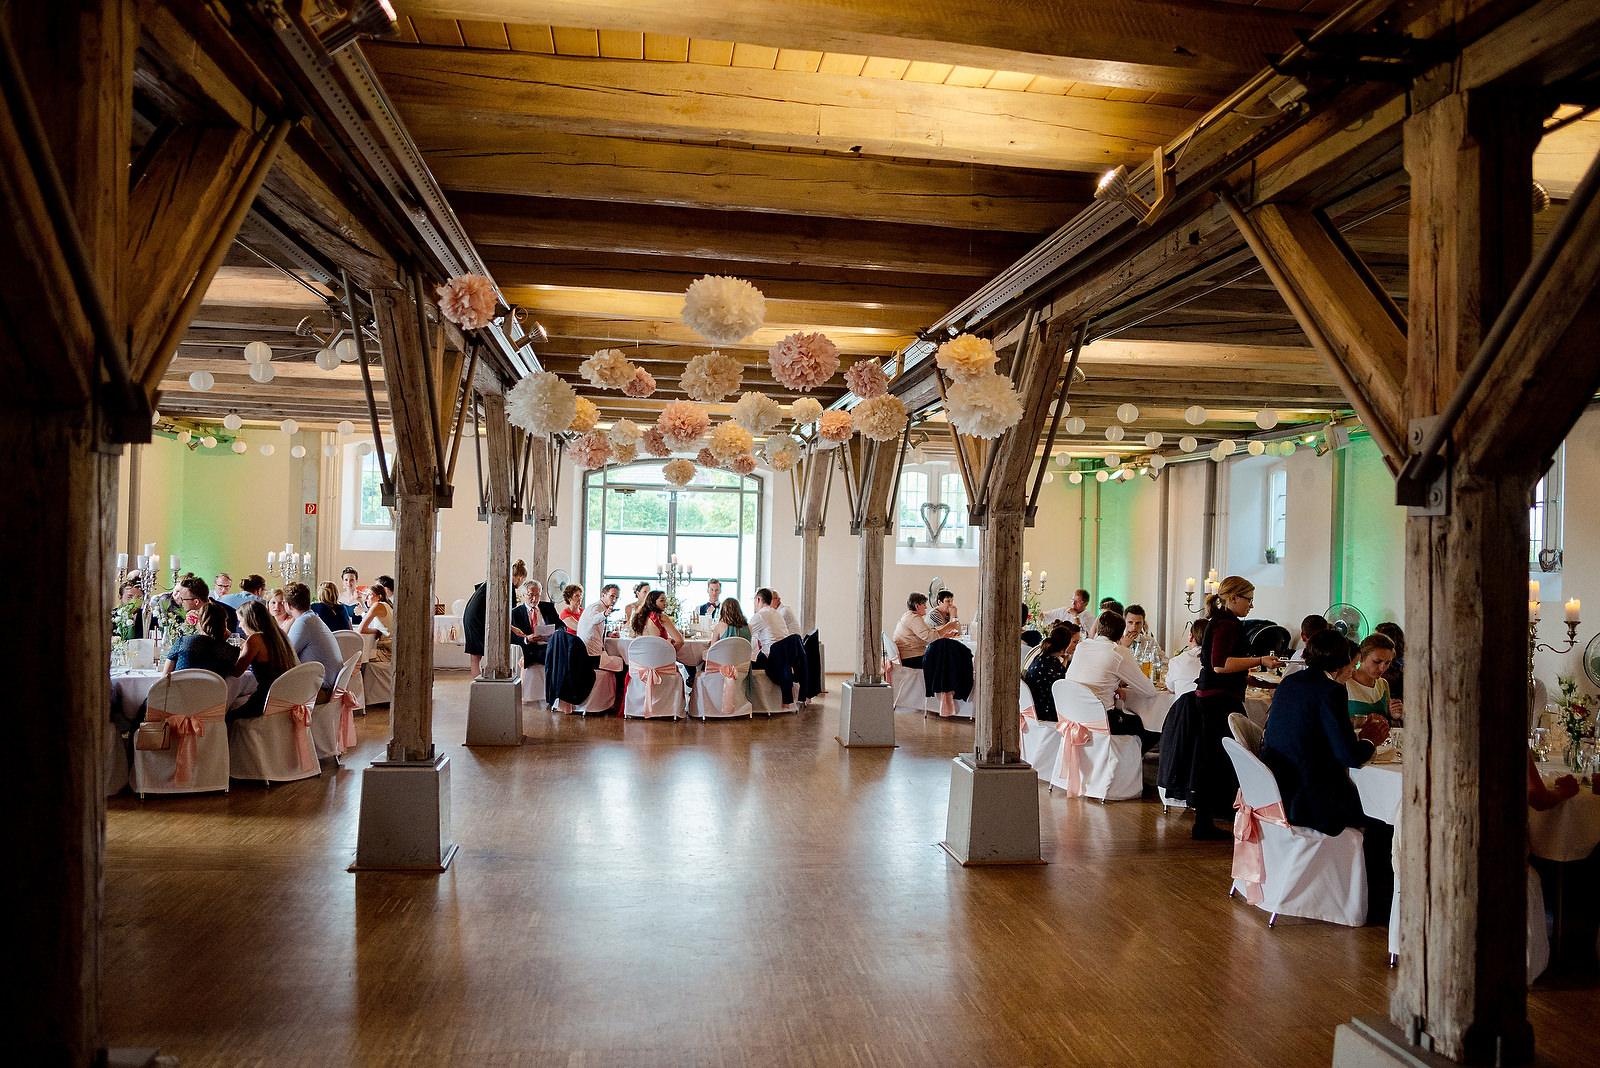 Fotograf Konstanz - Hochzeitsfotograf Bodensee Zollhaus Ludwigshafen Hochzeit Konstanz EFP 085 - Hochzeitsreportage im Zollhaus in Bodman-Ludwigshafen, Bodensee  - 205 -